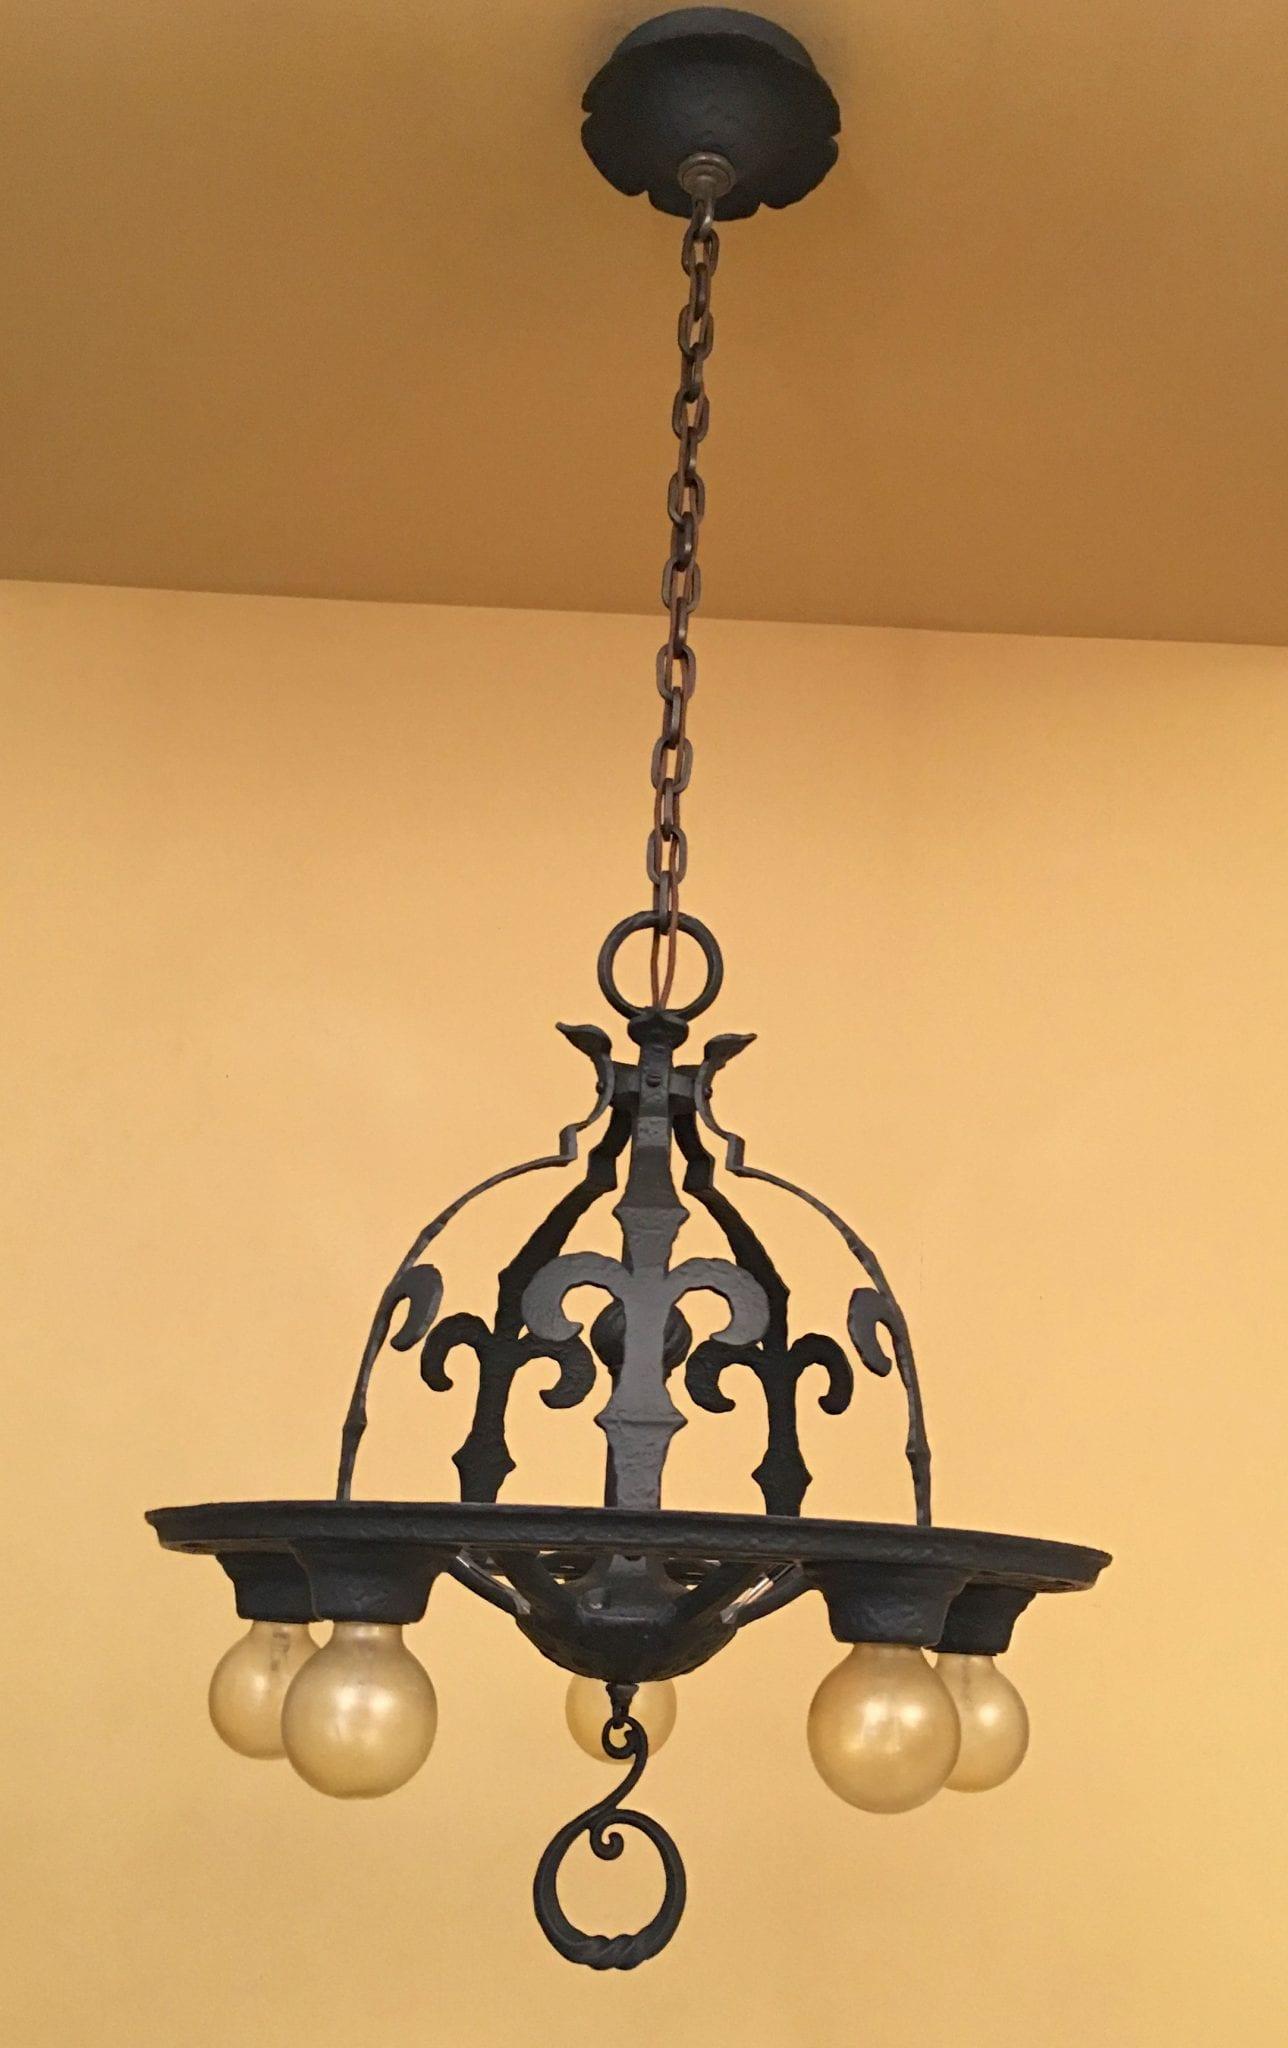 spanish revival lighting. 1930s Spanish Revival Virden Chandelier Lighting